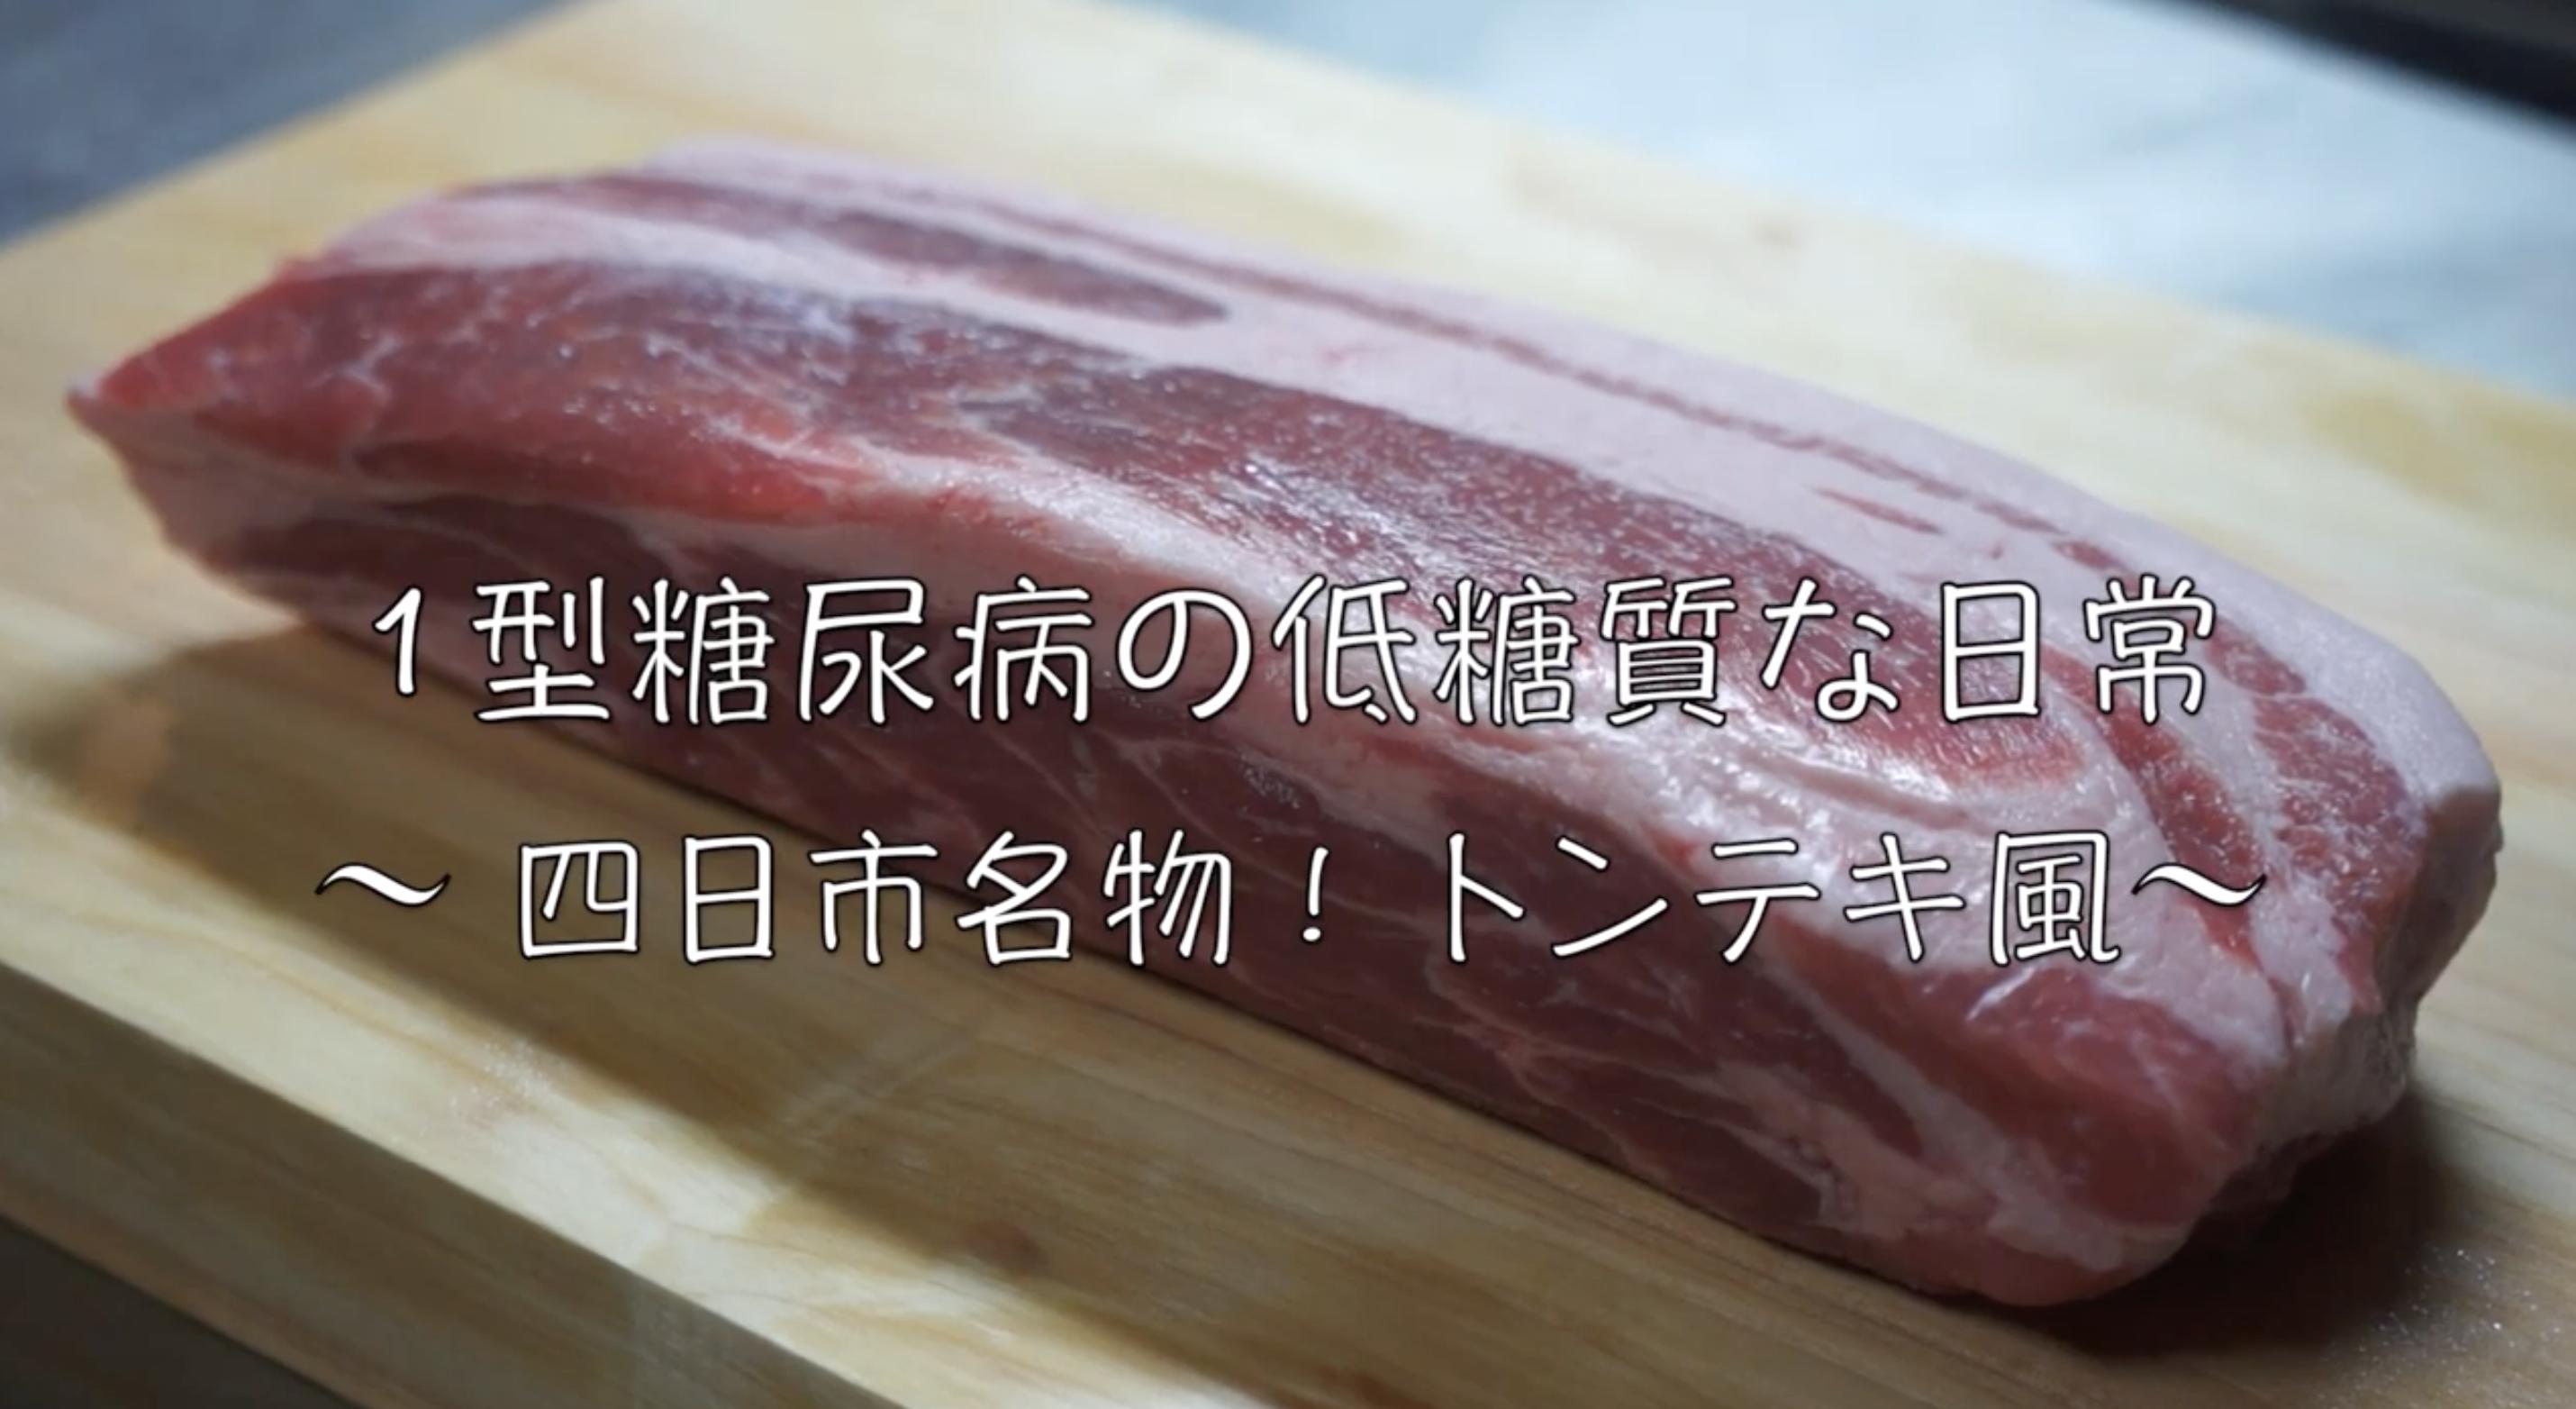 四日市名物 トンテキ レシピ